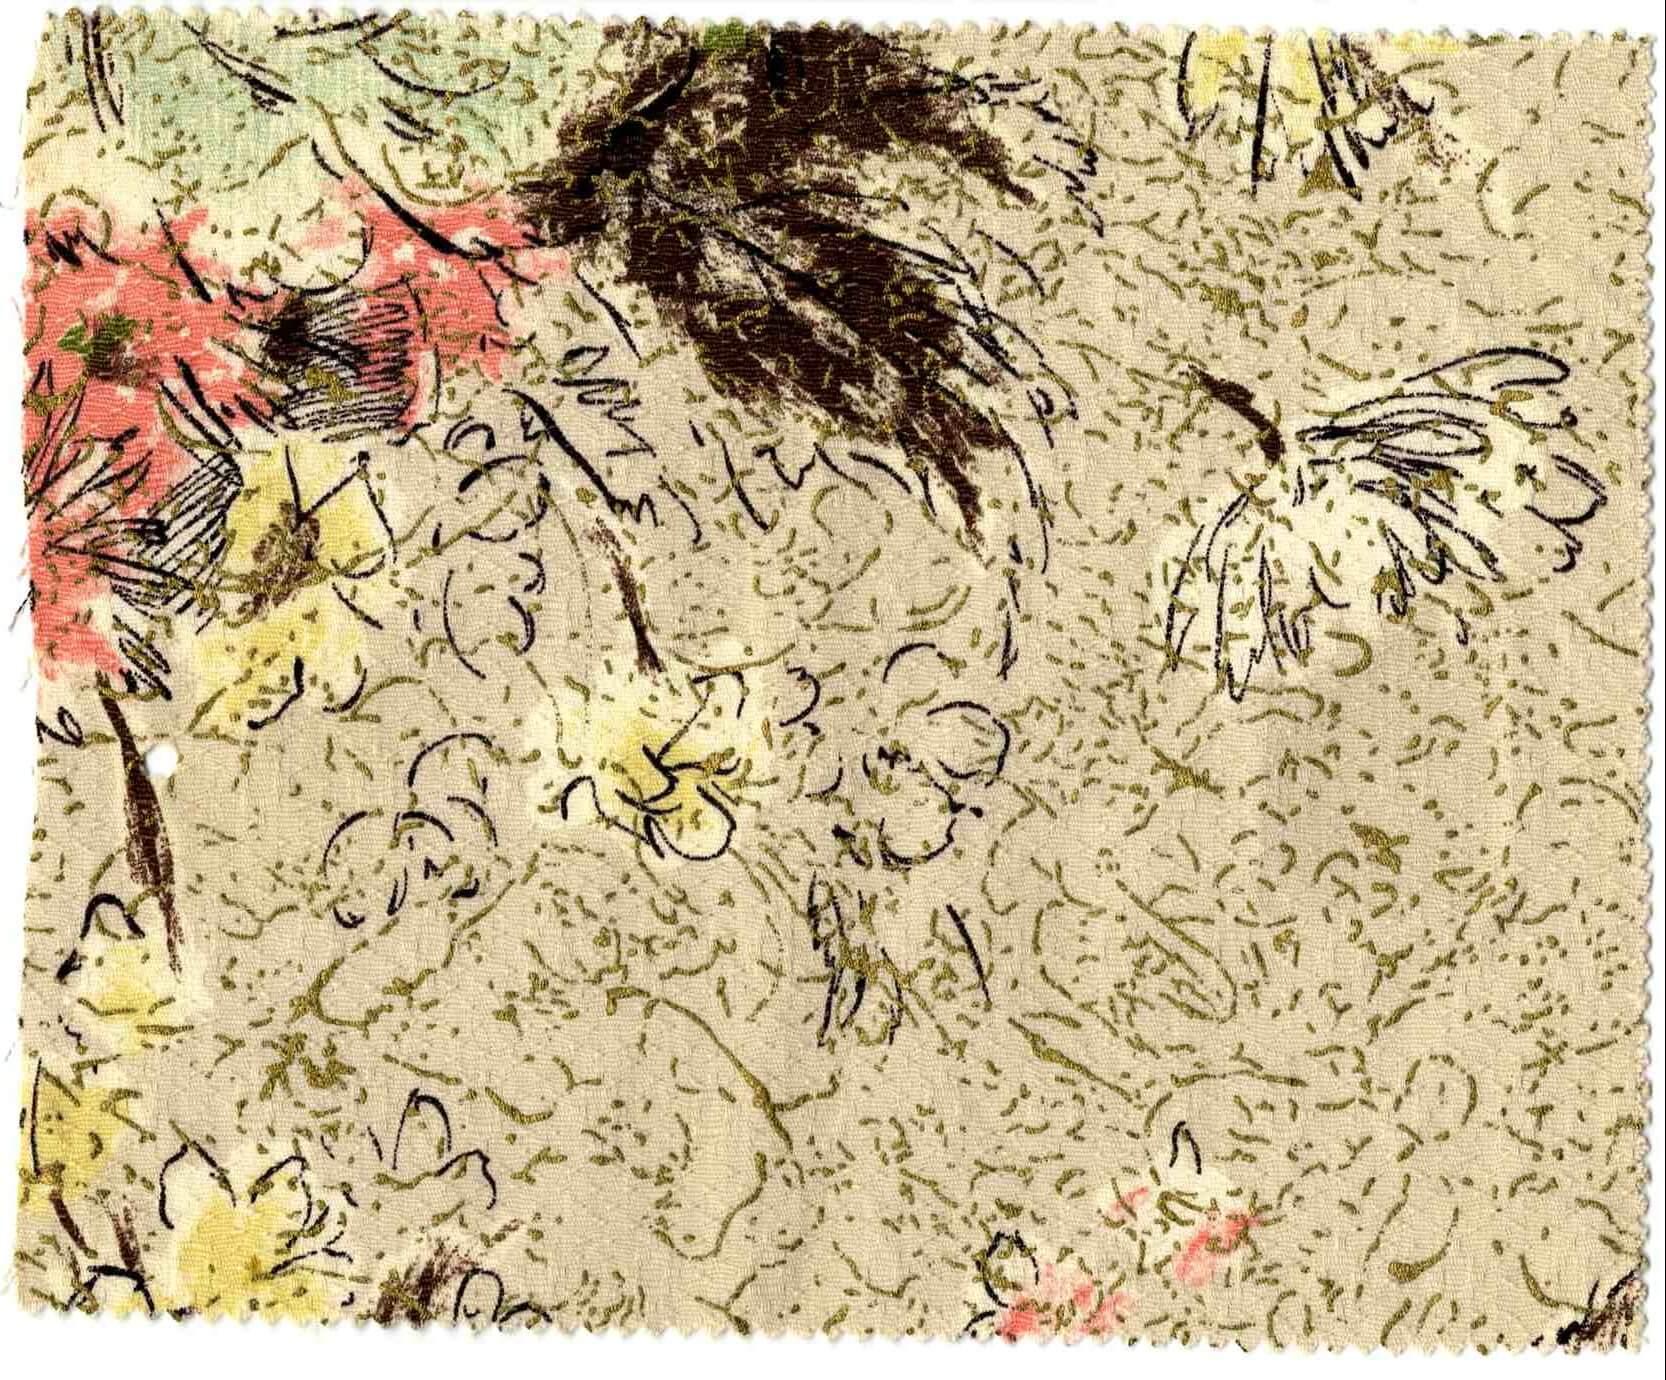 waverly-vintage-barkcloth-spring-frolic-natural